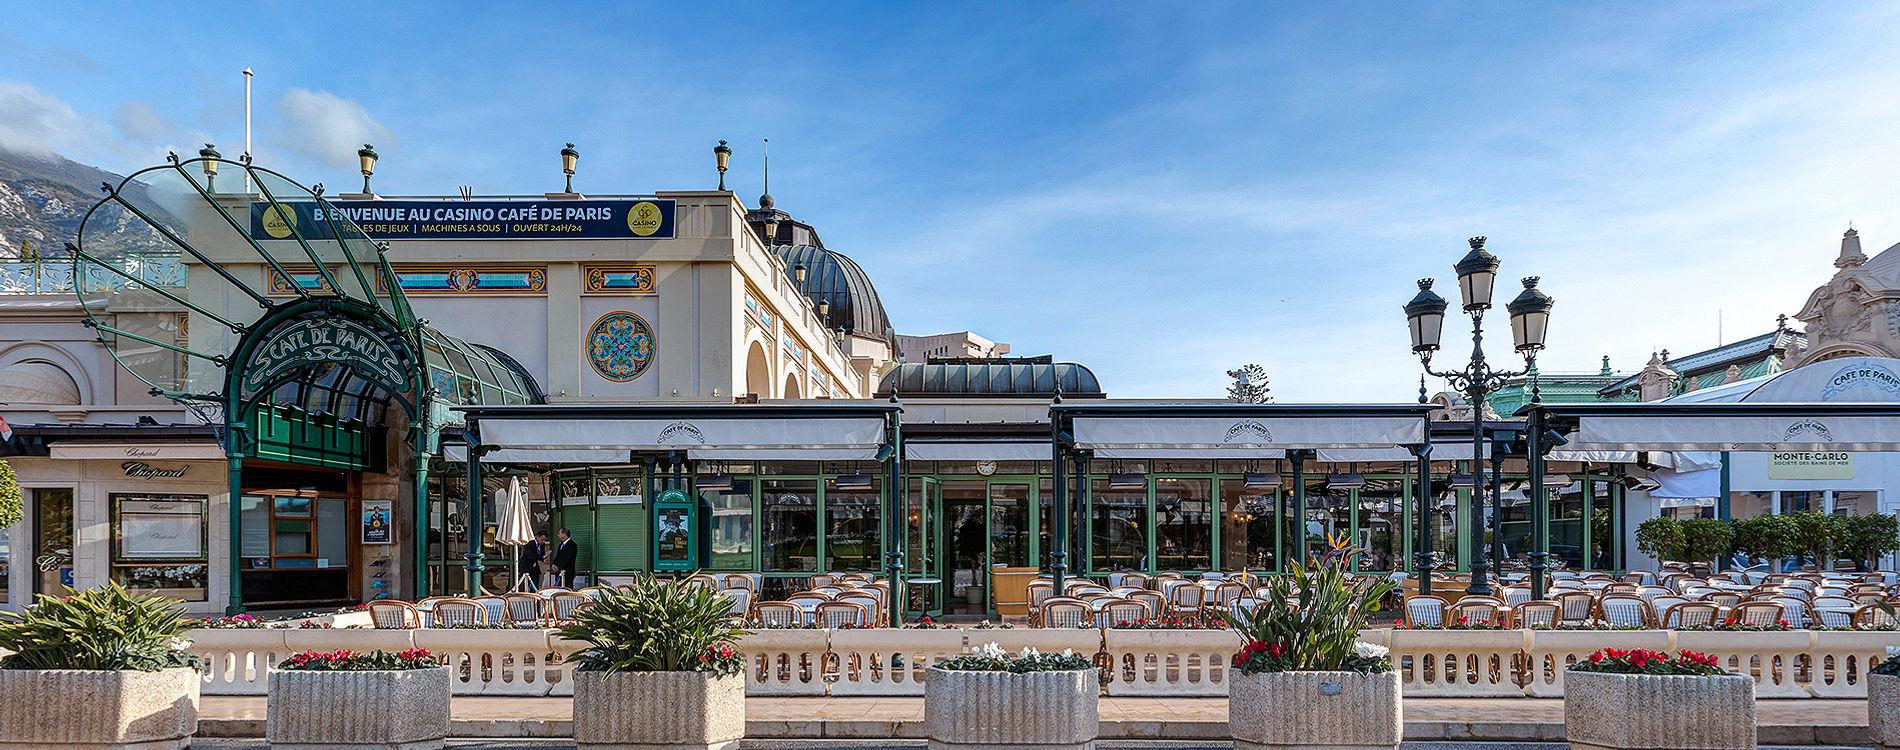 Cafe-de-Paris-Monte-Carlo-Header-Video